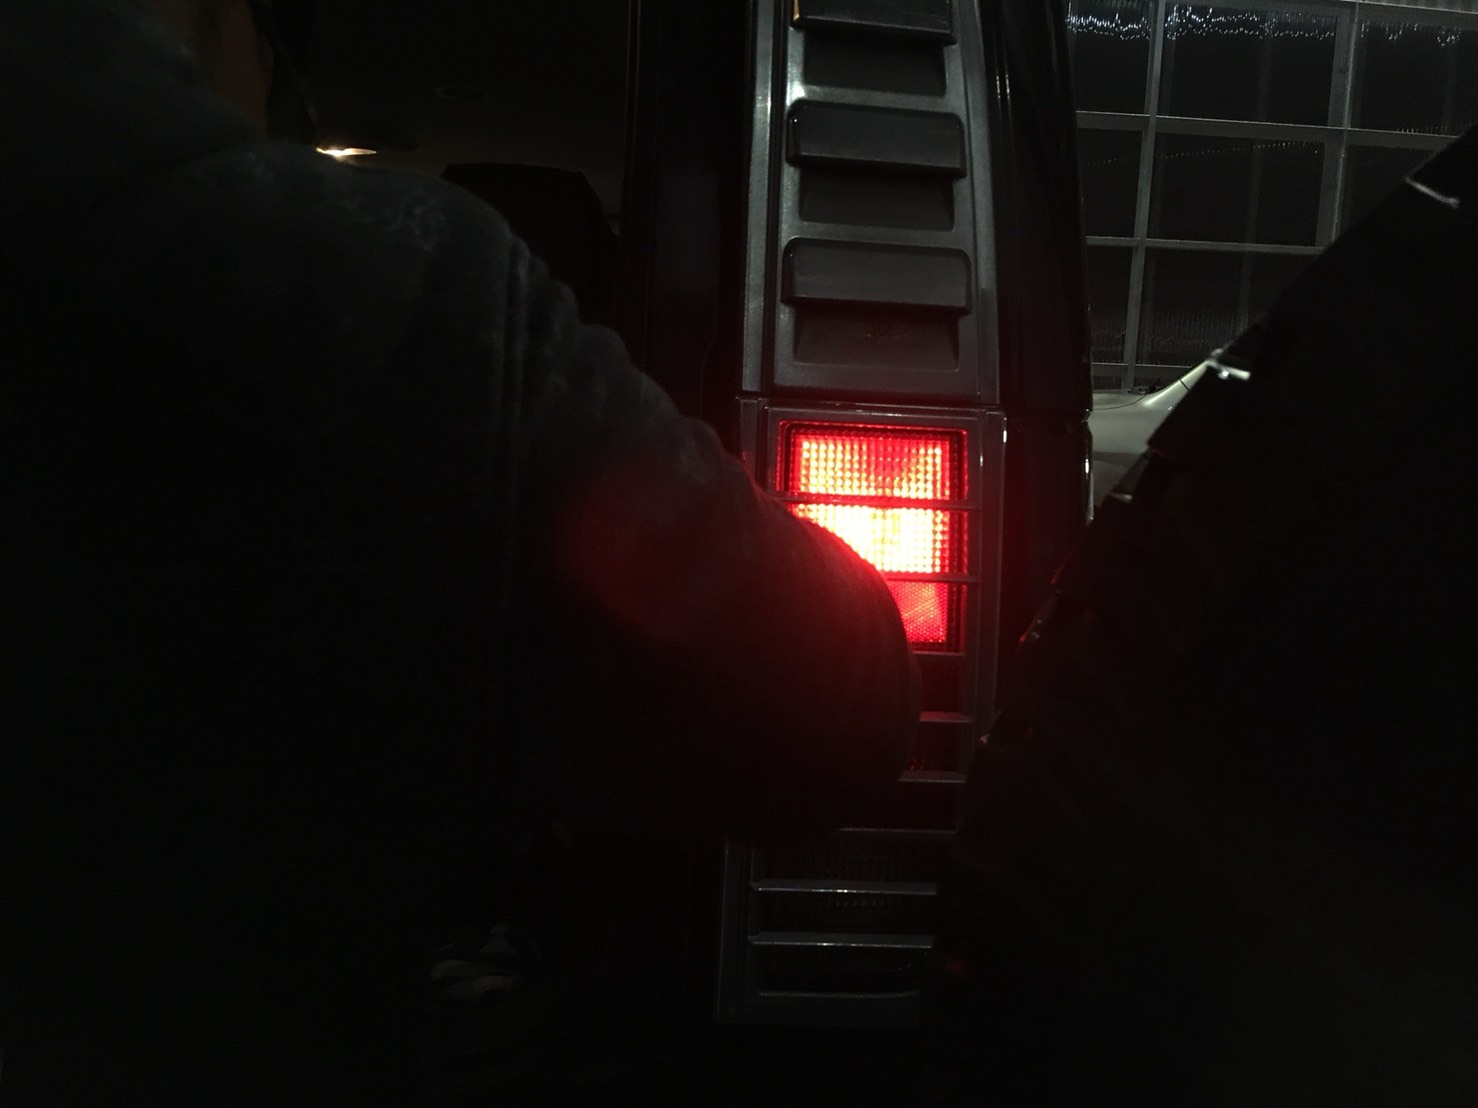 2月26日(月)トミーベース カスタムブログ☆新型QX802台入庫確定☆LS460後期AWD LS600hLエグゼクティブPKGもご紹介していきます☆_b0127002_12094052.jpg